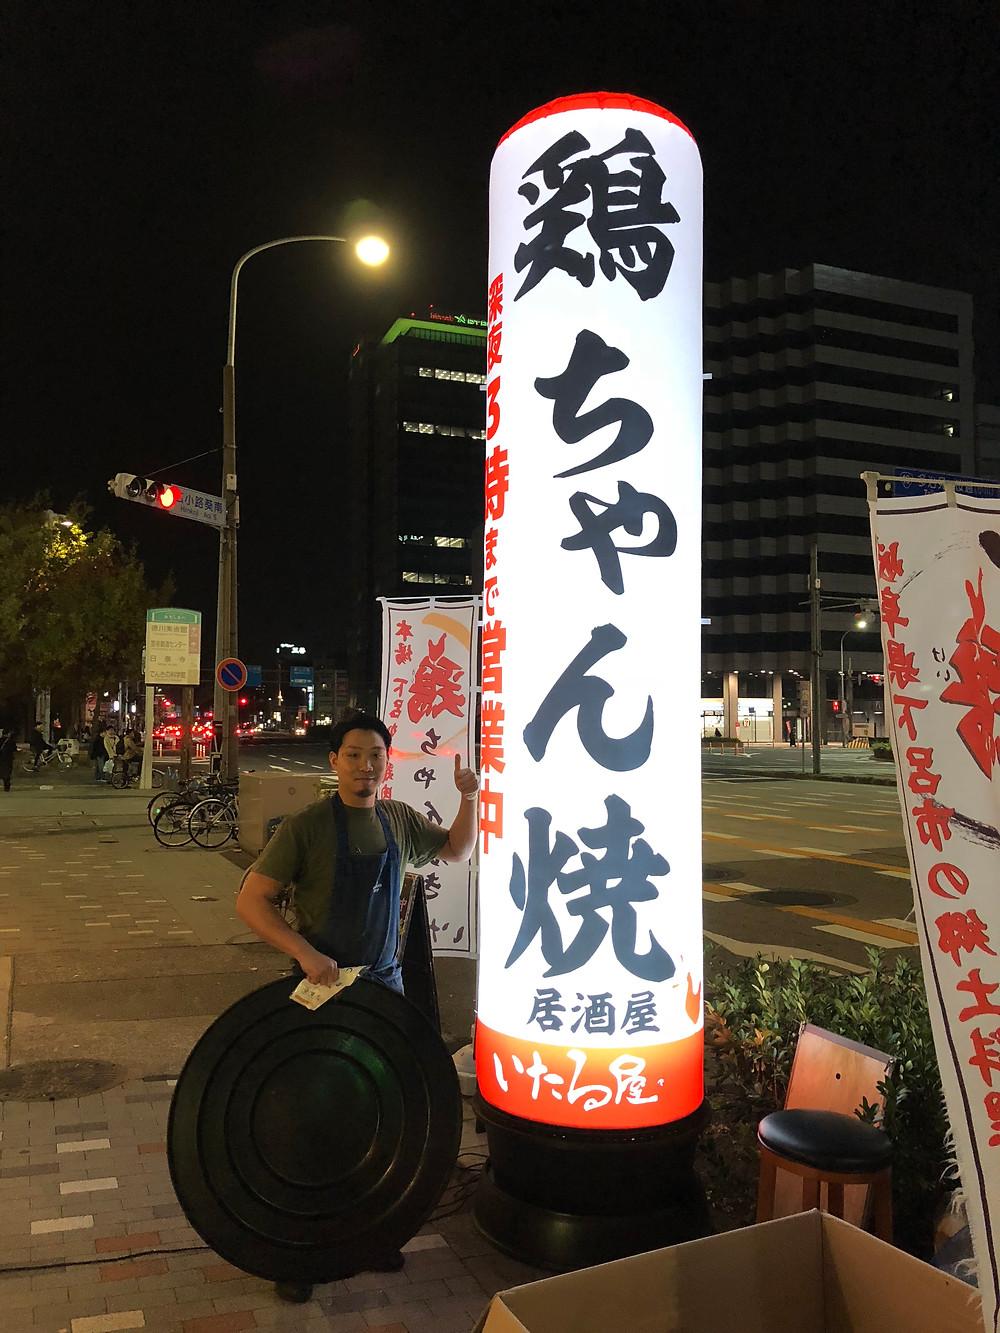 名古屋でエアー看板と男性